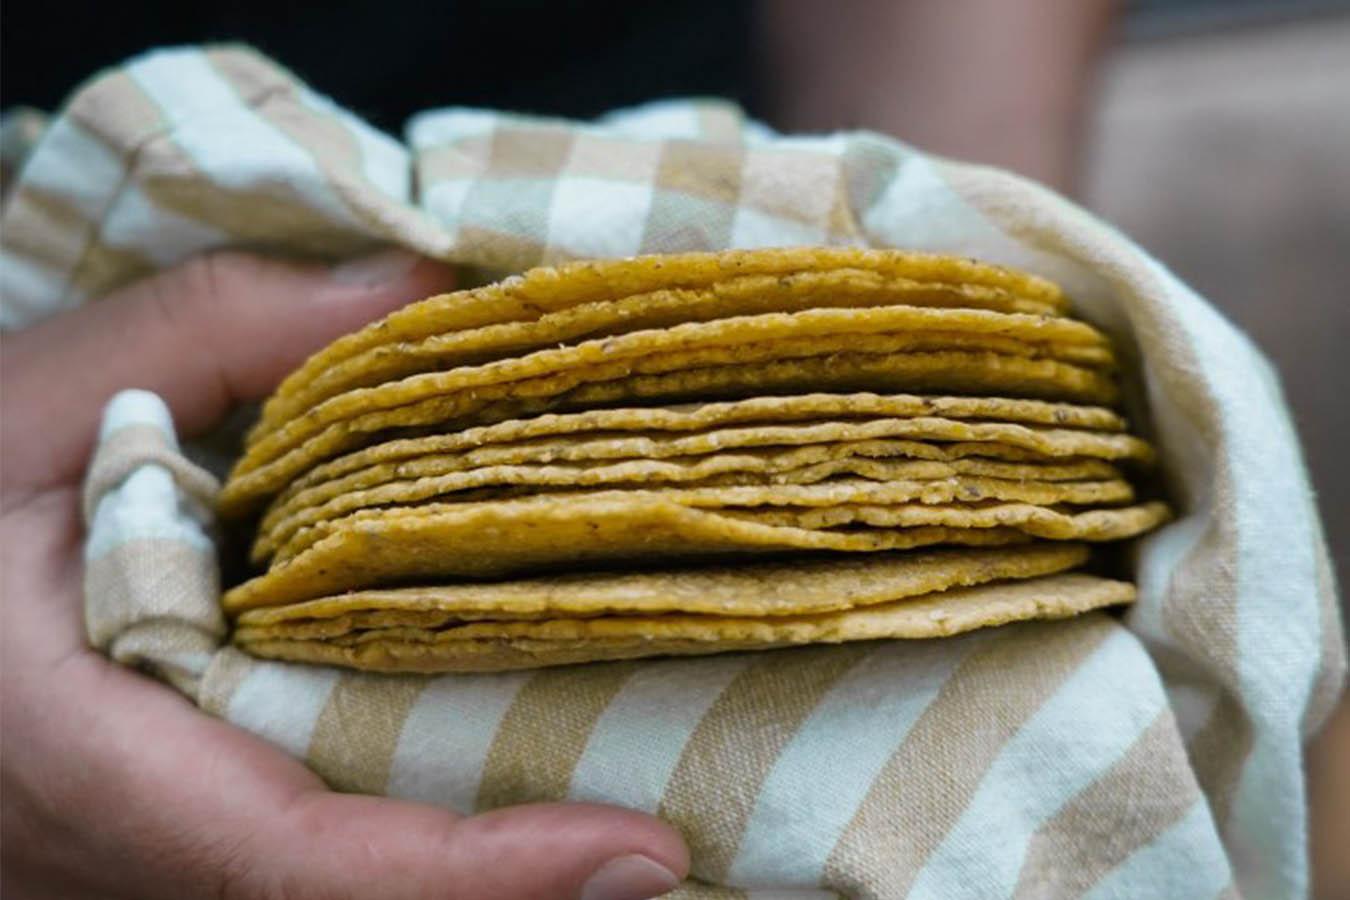 tortillas de maiz en canada victoria maiiz nixtamal tortillas para tacos canada